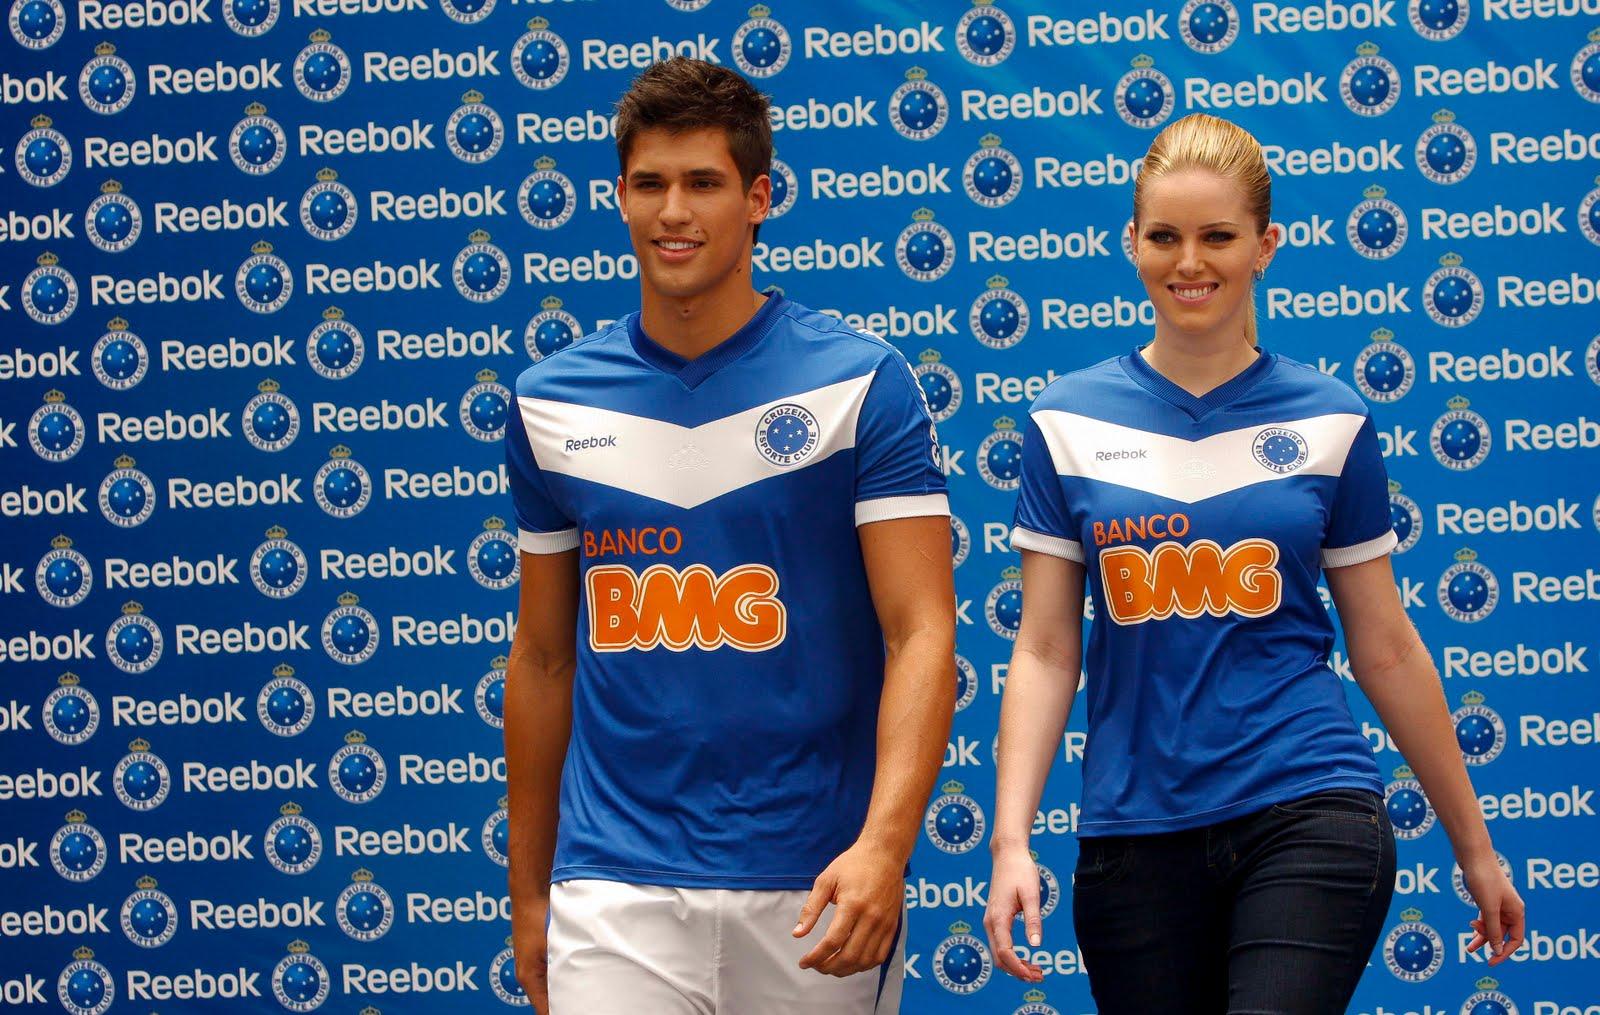 4e5ac3694b2f7 Camisa 1 (clique na foto para ver detalhes). Foto  Divulgação Vipcomm